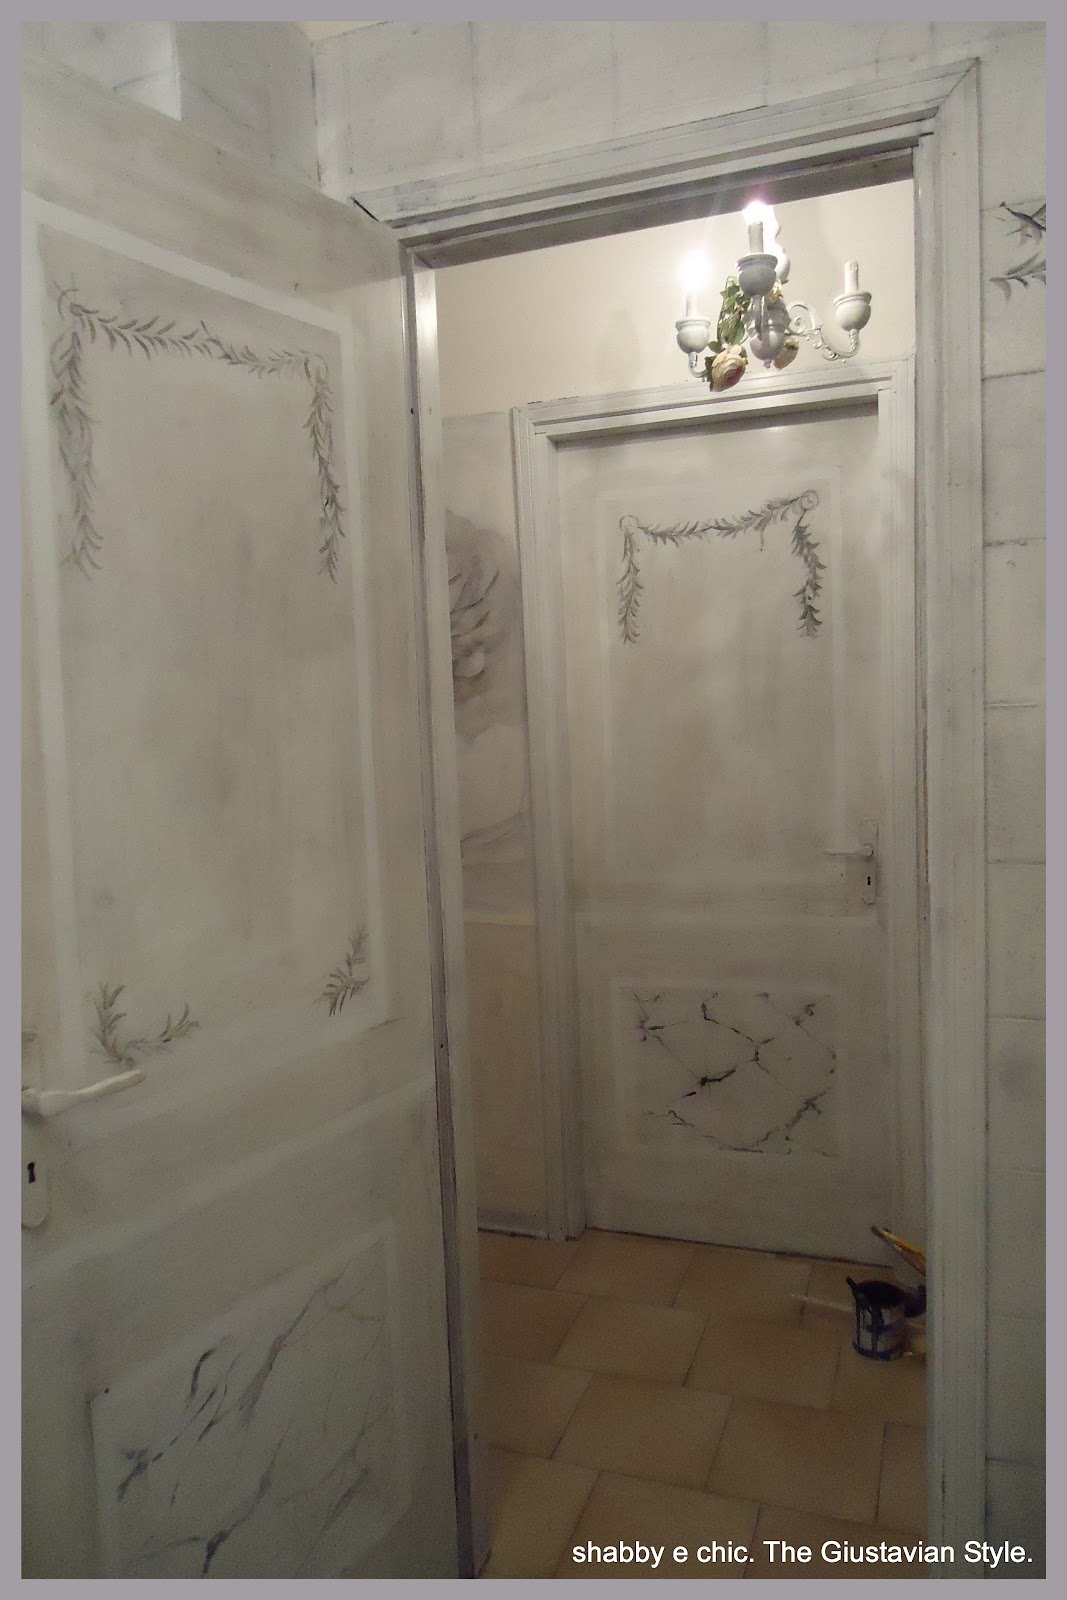 Dipingere Le Porte Di Casa marzia-sofia salvestrini atelier gustavien: ricetta: come